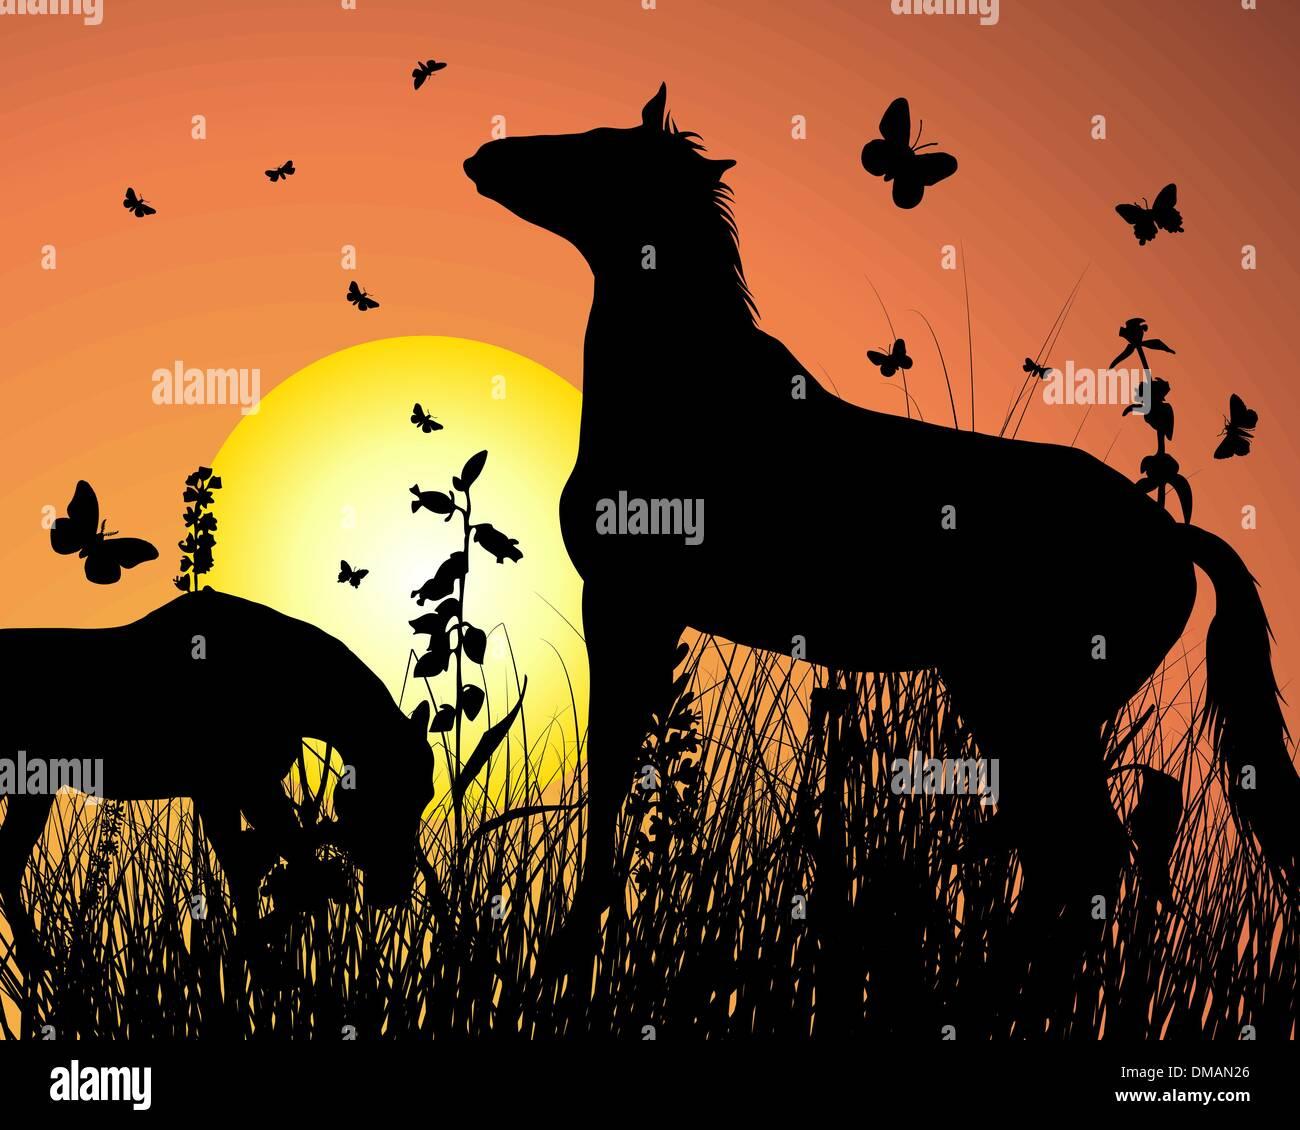 horse on sunset background - Stock Image